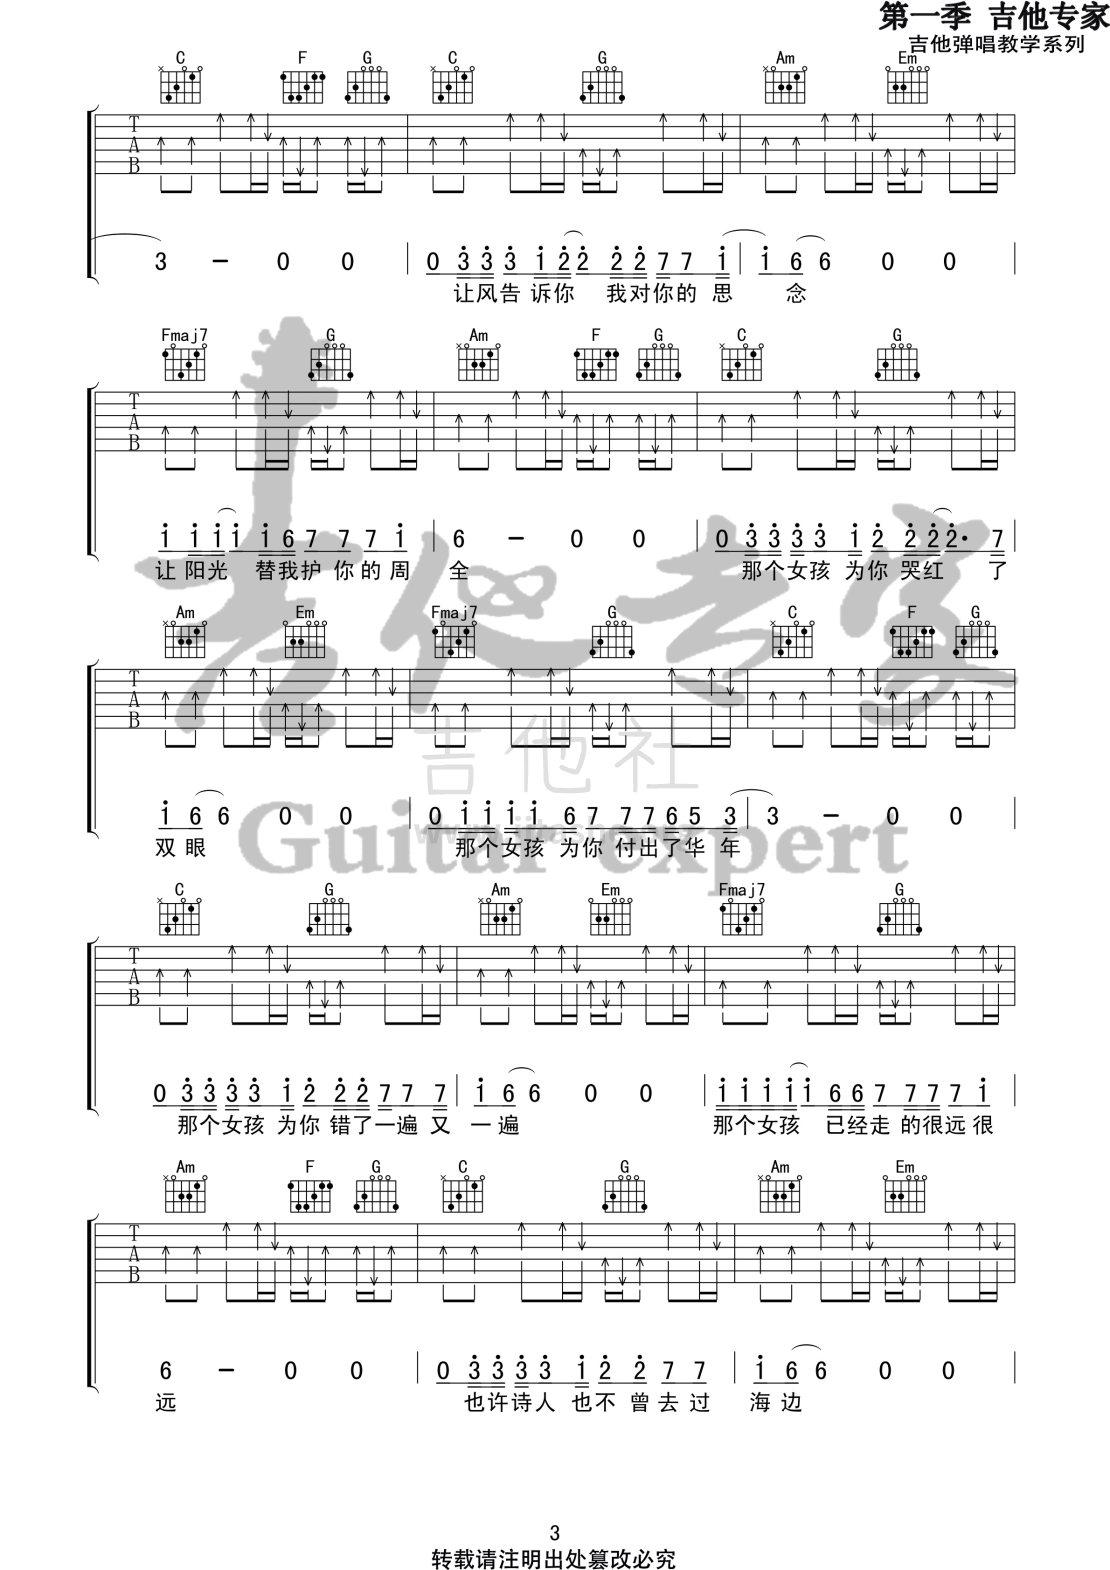 那个女孩(音艺吉他专家弹唱教学:第一季第38集)吉他谱(图片谱,弹唱,伴奏,教程)_张泽熙_那个女孩3 第一季第三十八集.jpg